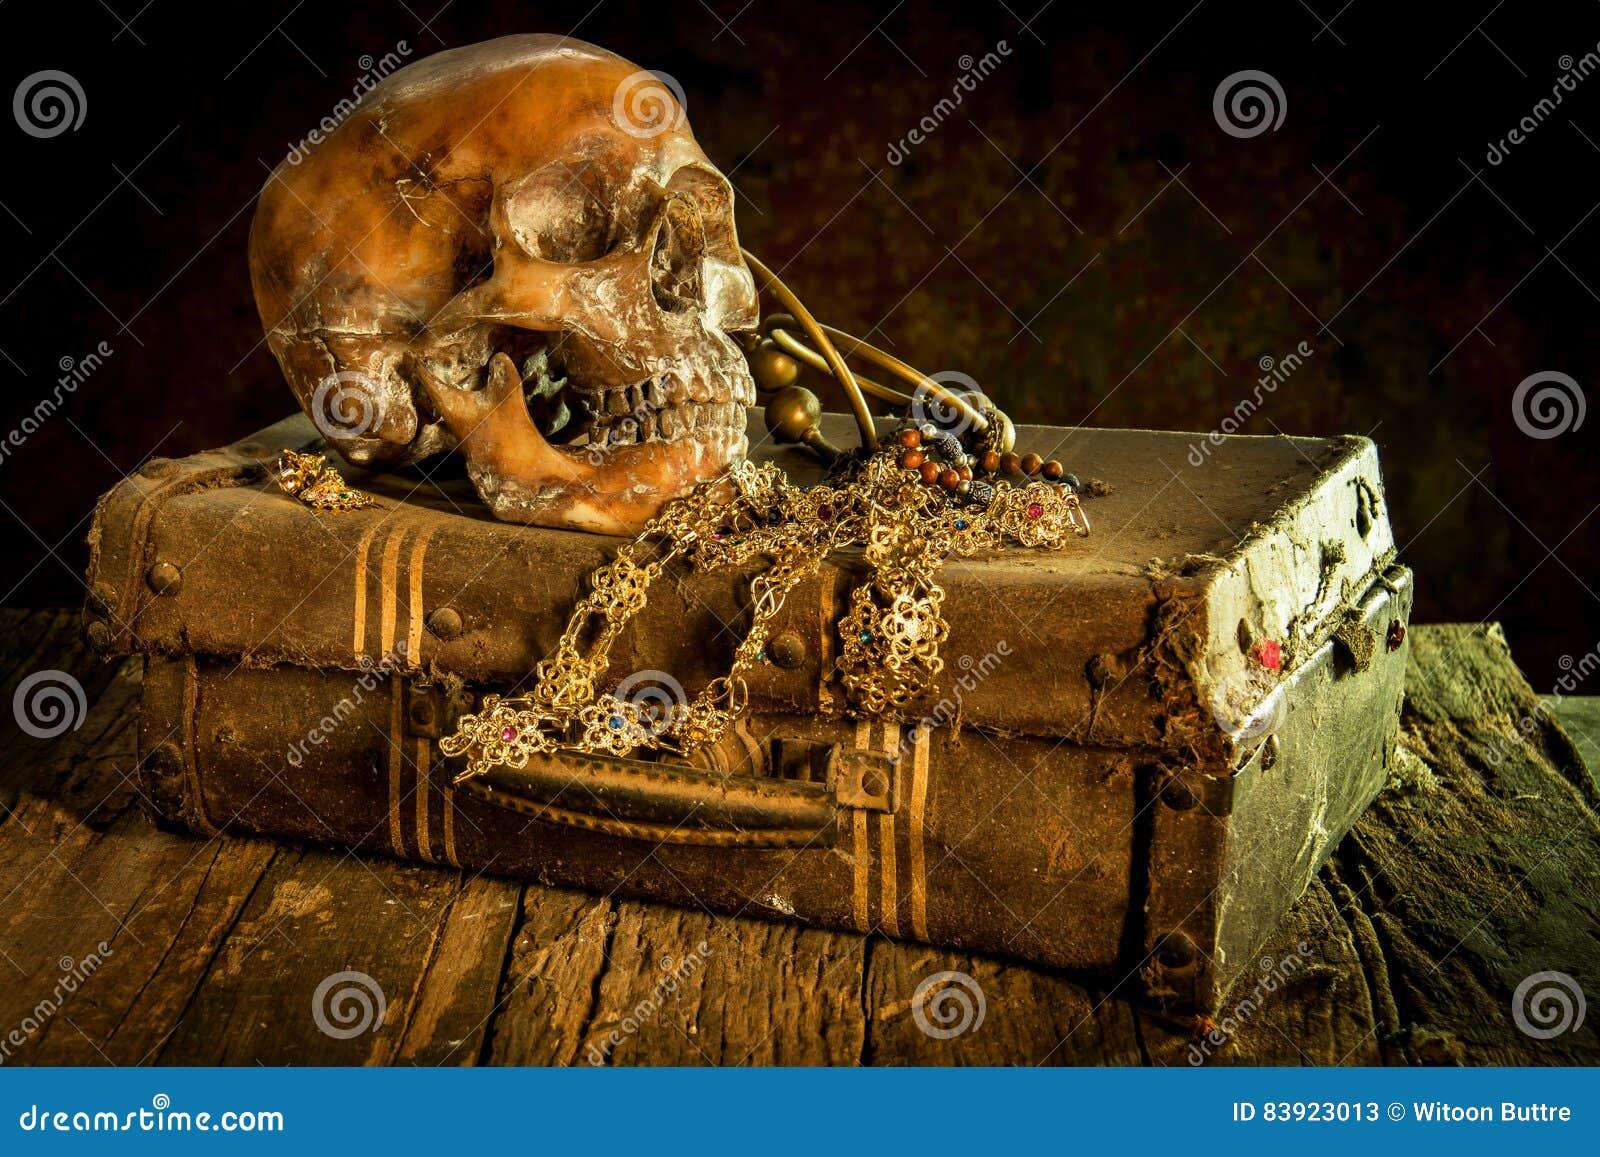 La vie toujours avec un crâne humain avec le vieux coffre au trésor et or,